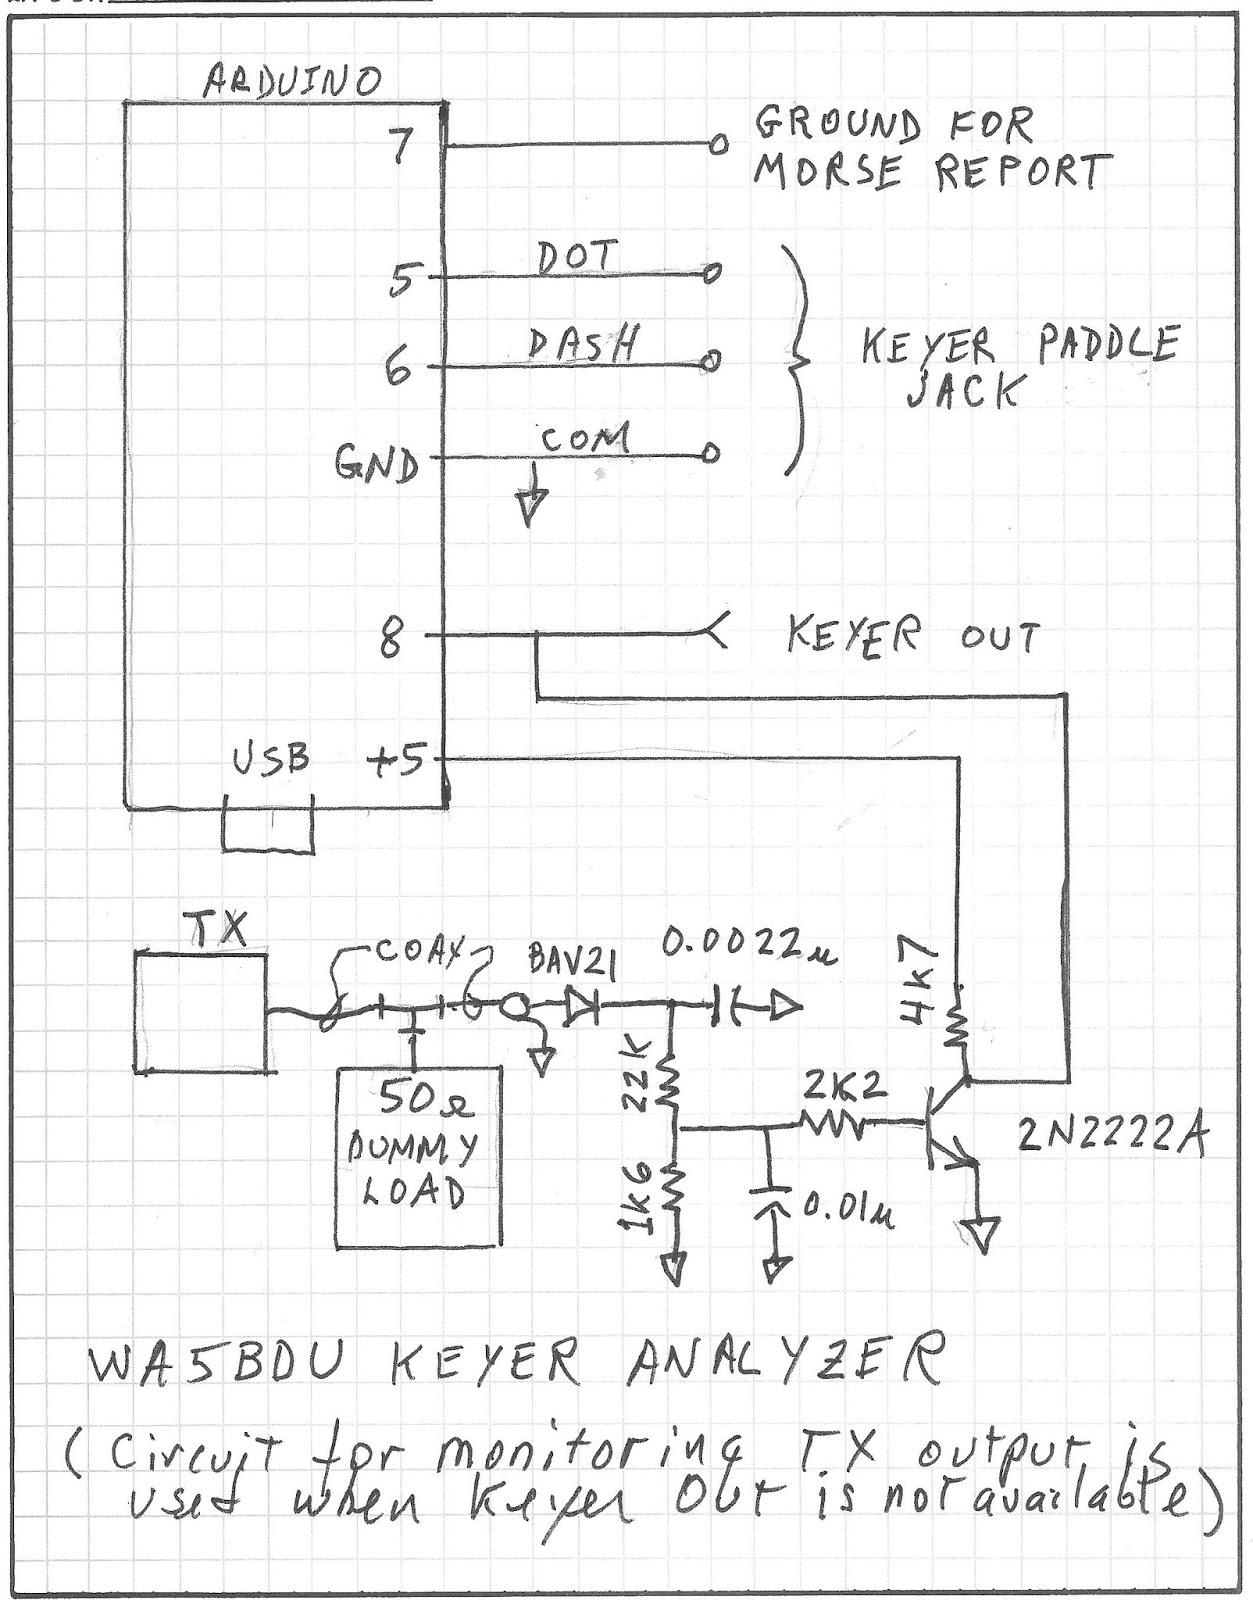 Antenna Analyzer Schematic